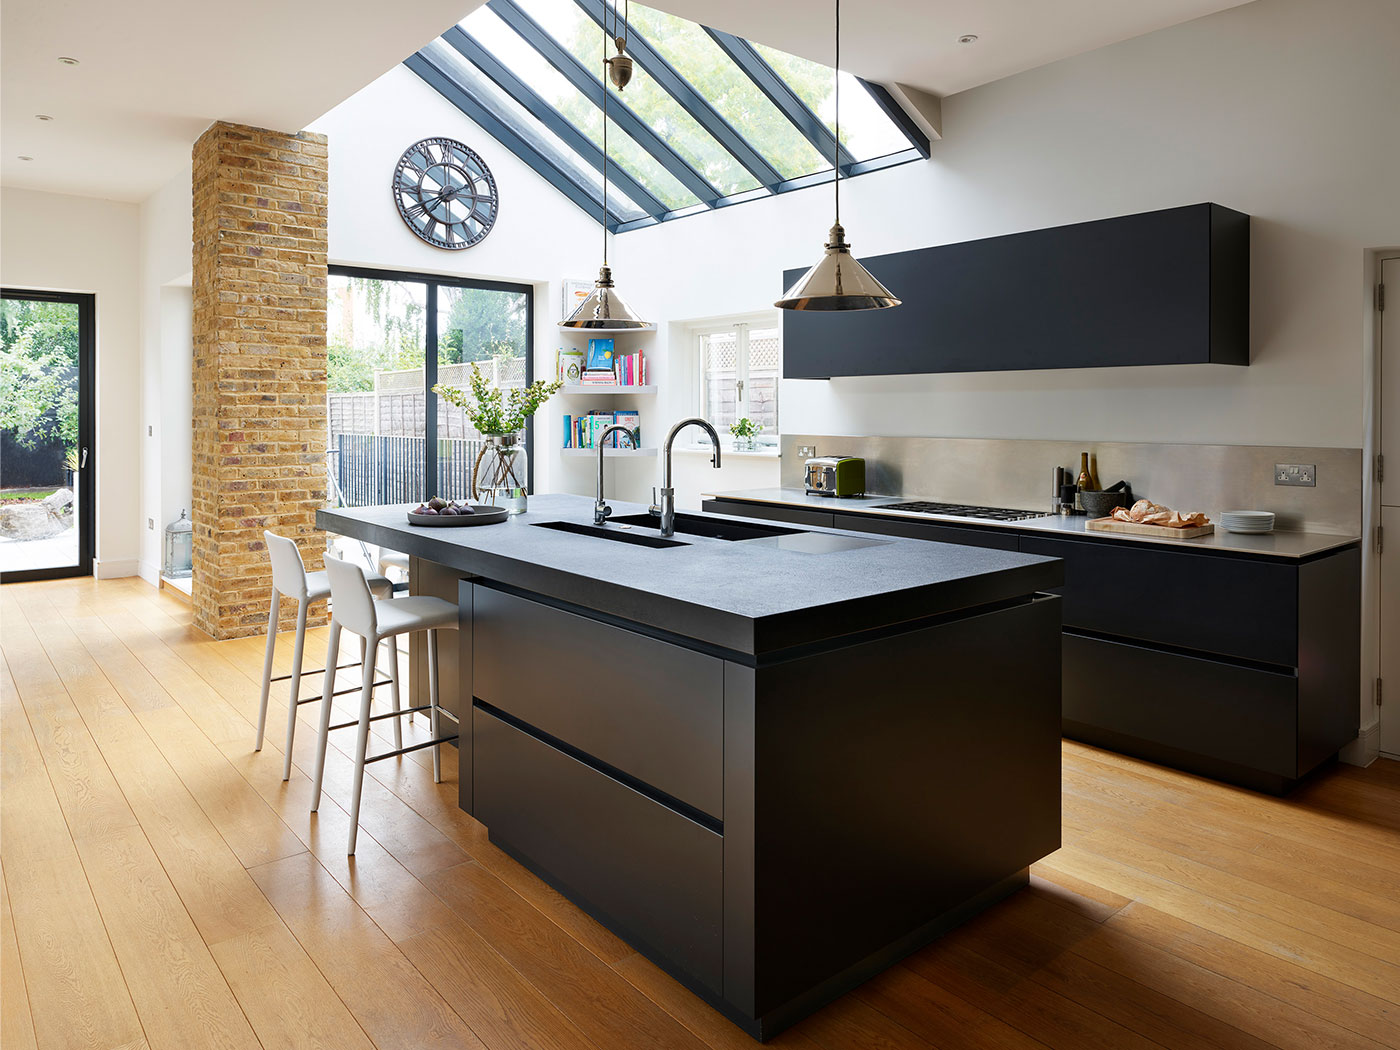 Contemporary kitchen design with bespoke kitchen island in black